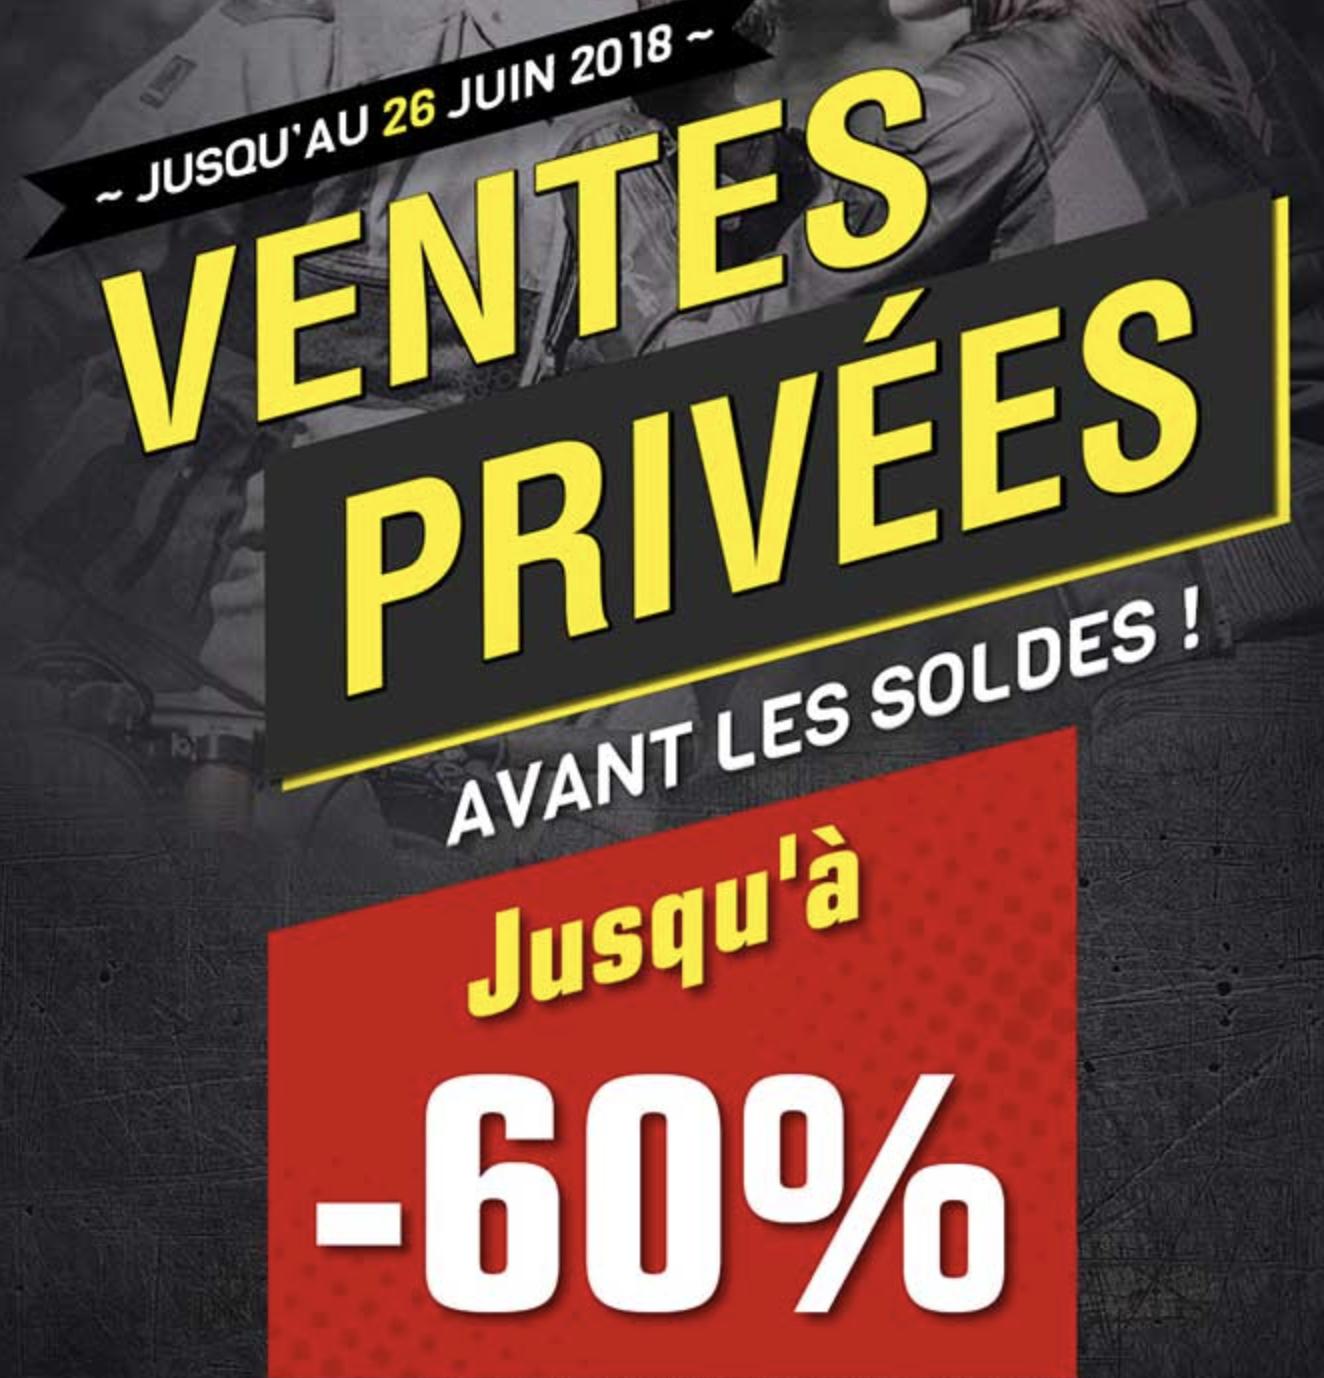 VENTES PRIVÉES Avant Les Soldes Chez MAXXESS Clermont-Ferrand !